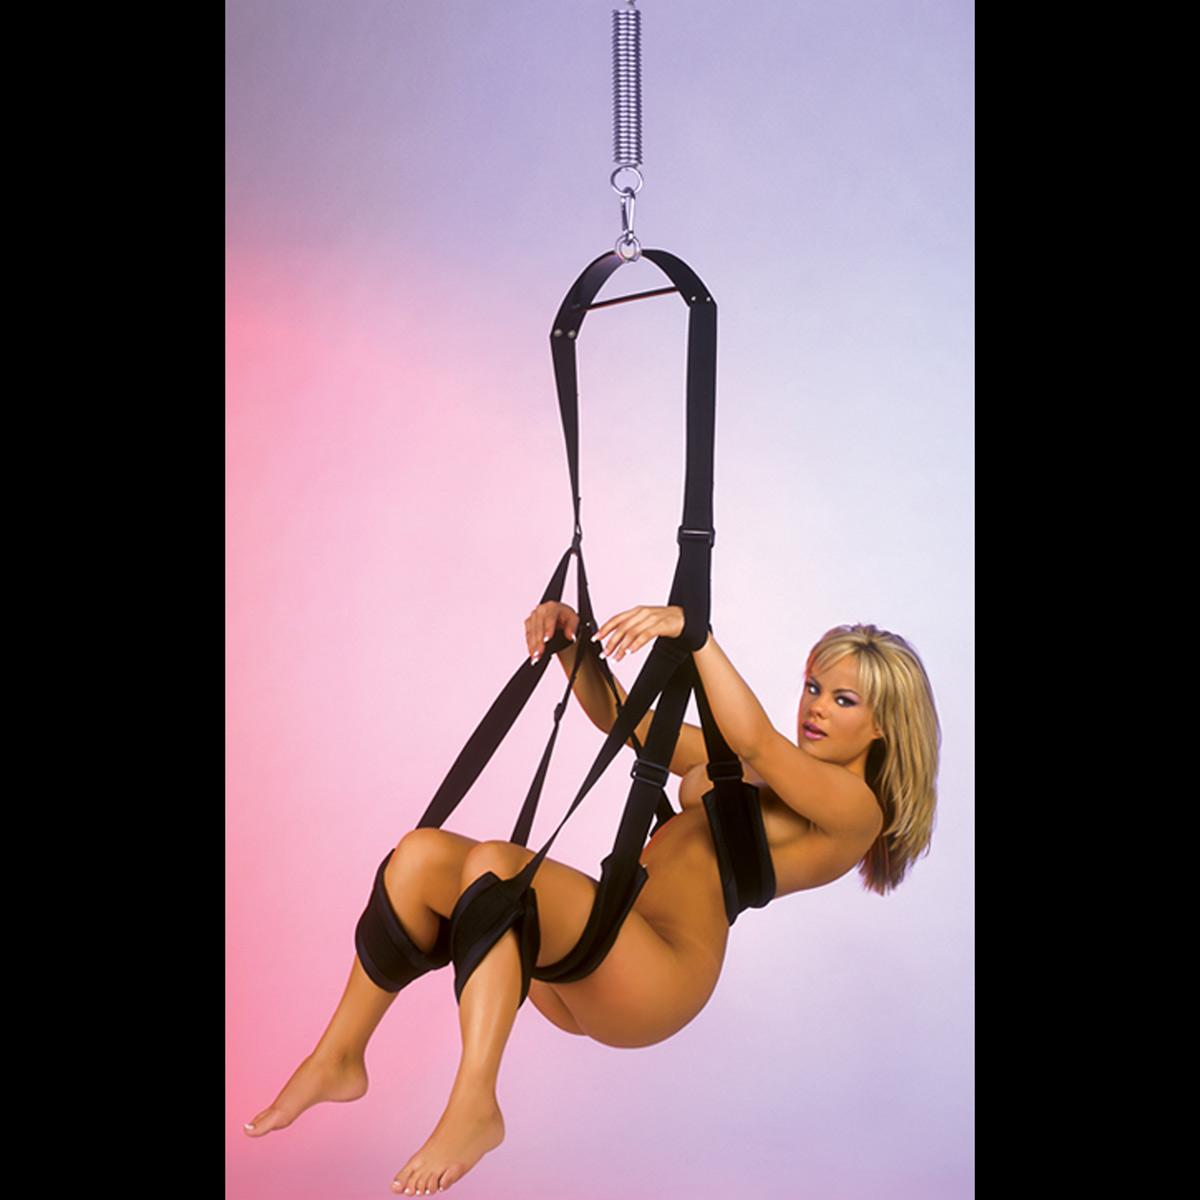 эротические системы для подвешивания - 10